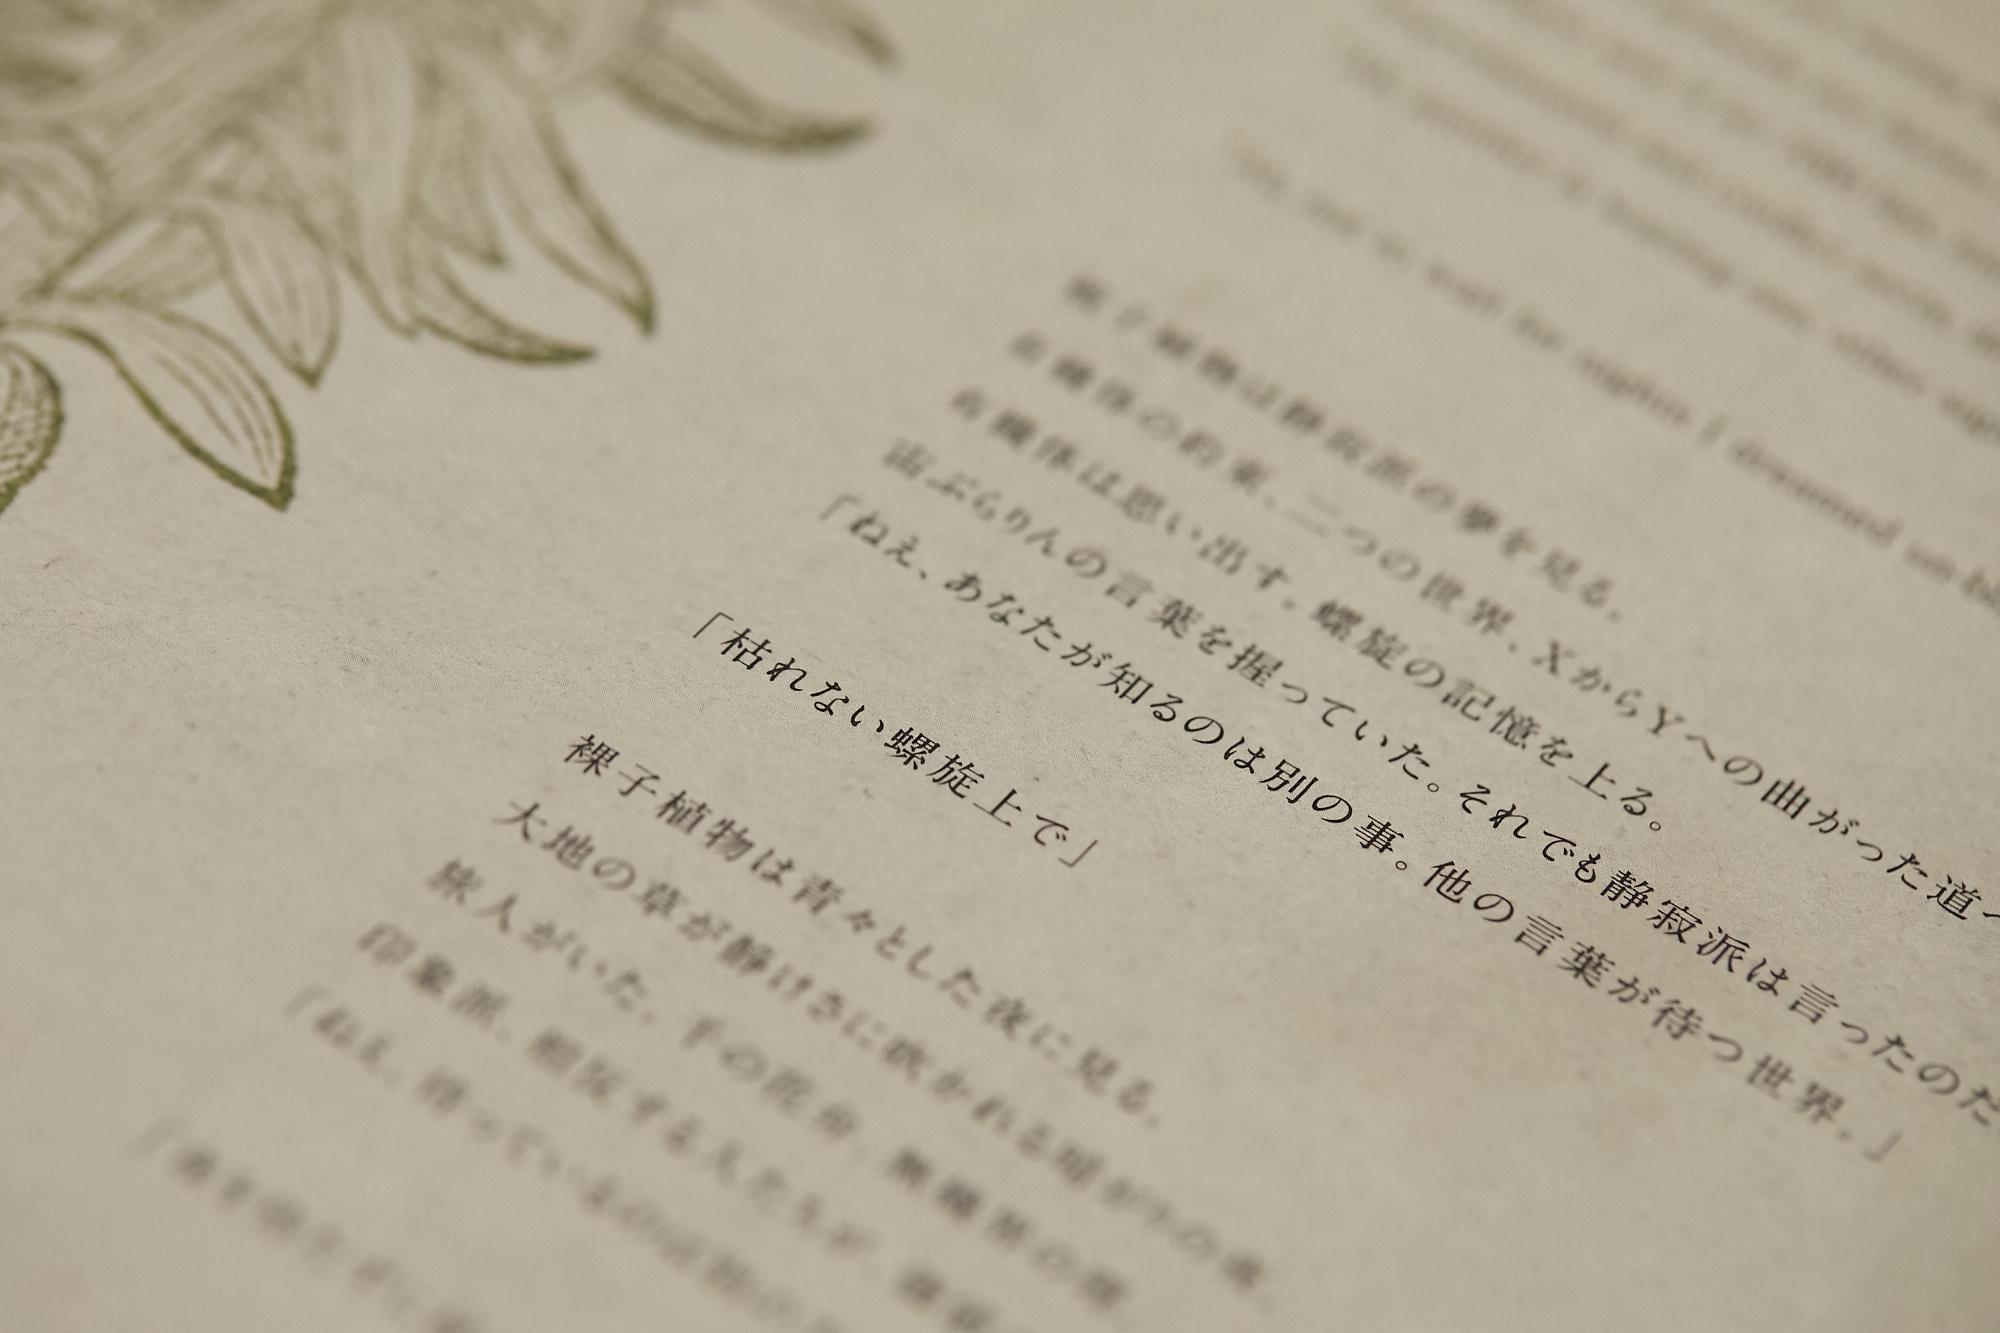 ミュージカル「マリーゴールド」パンフレットより/歌詞はすべて英語詞があてられているという(撮影:iwa)